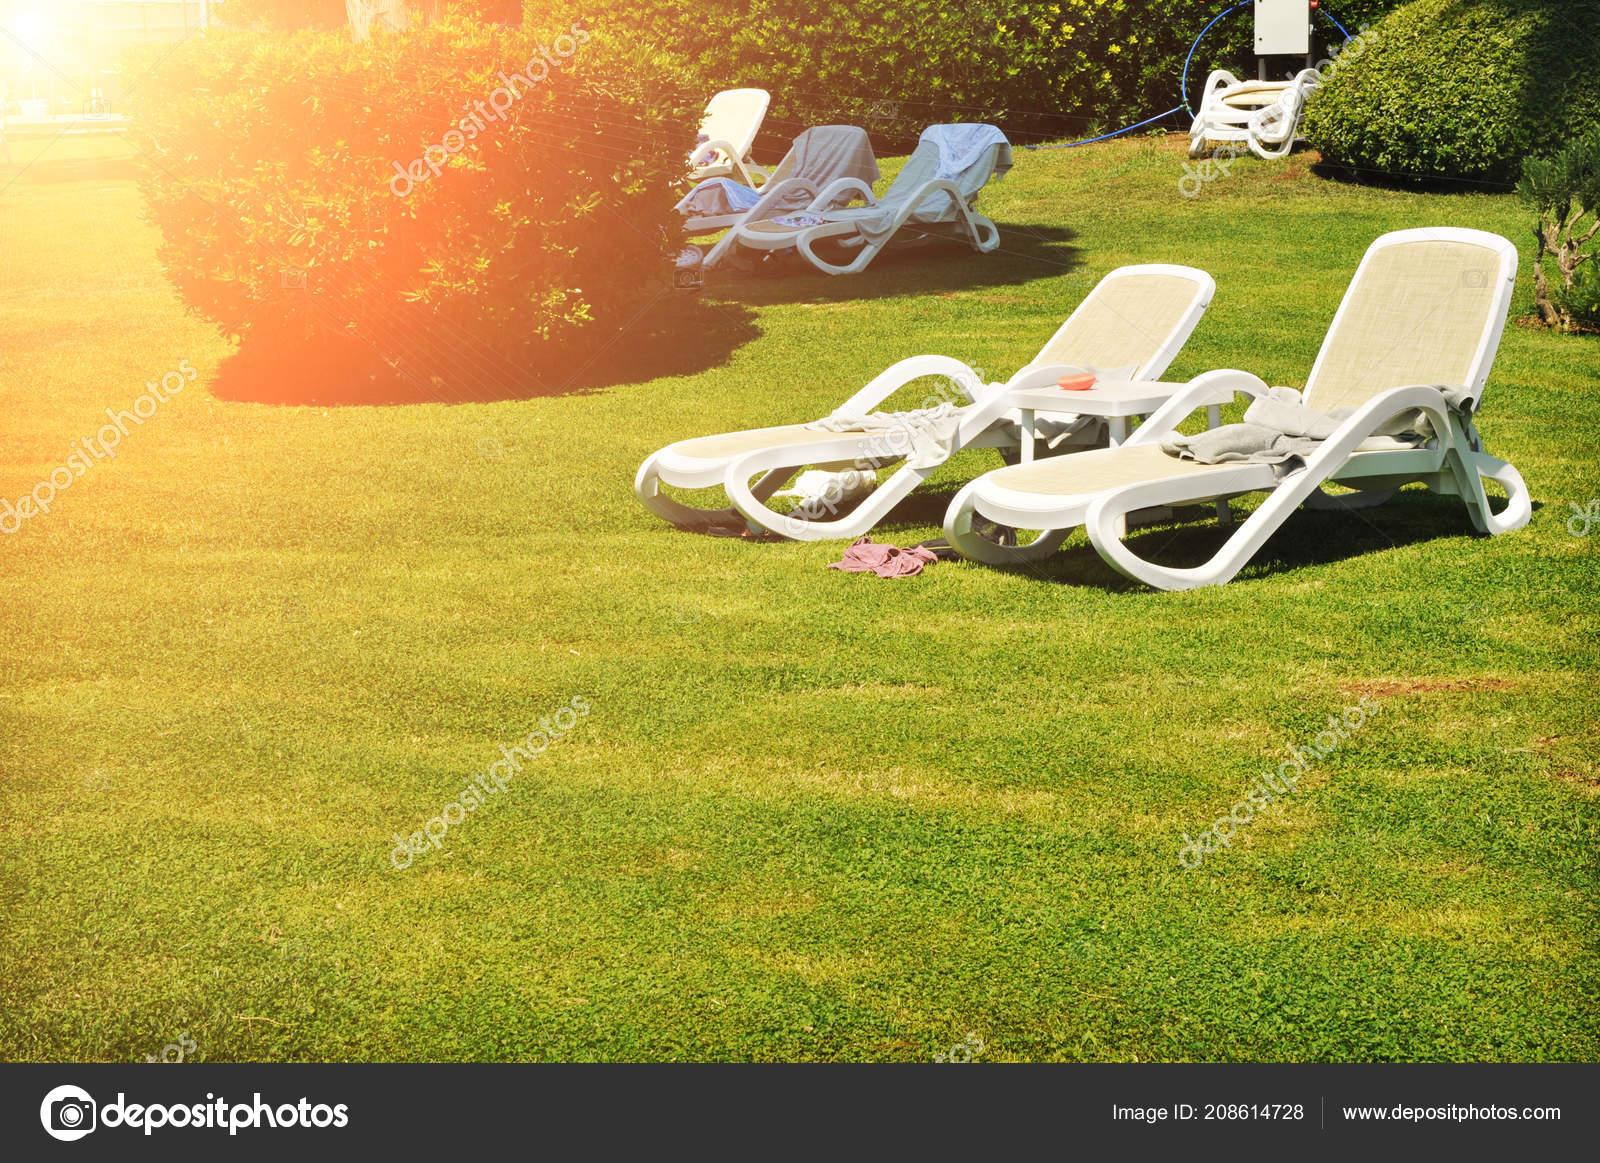 Sdraio Plastica Verde.Sedie Sdraio Plastica Bianche Parco Con Erba Verde Cespugli